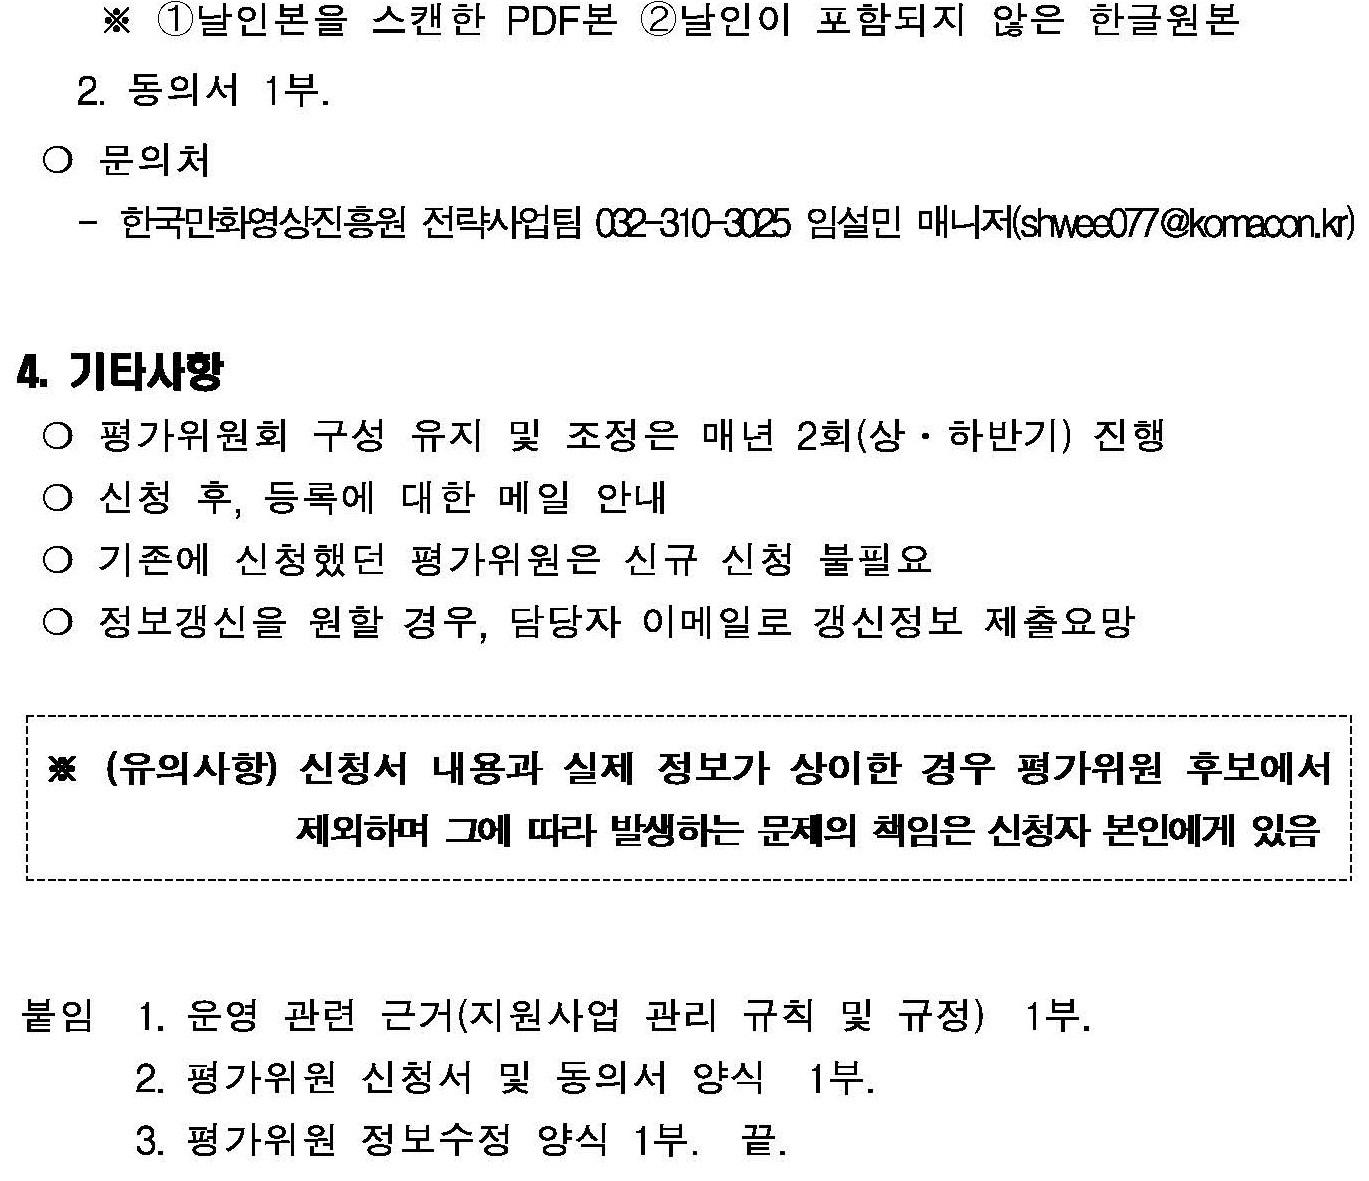 2020년도 한국만화영상진흥원 지원사업 평가위원 모집공고_페이지_2.jpg